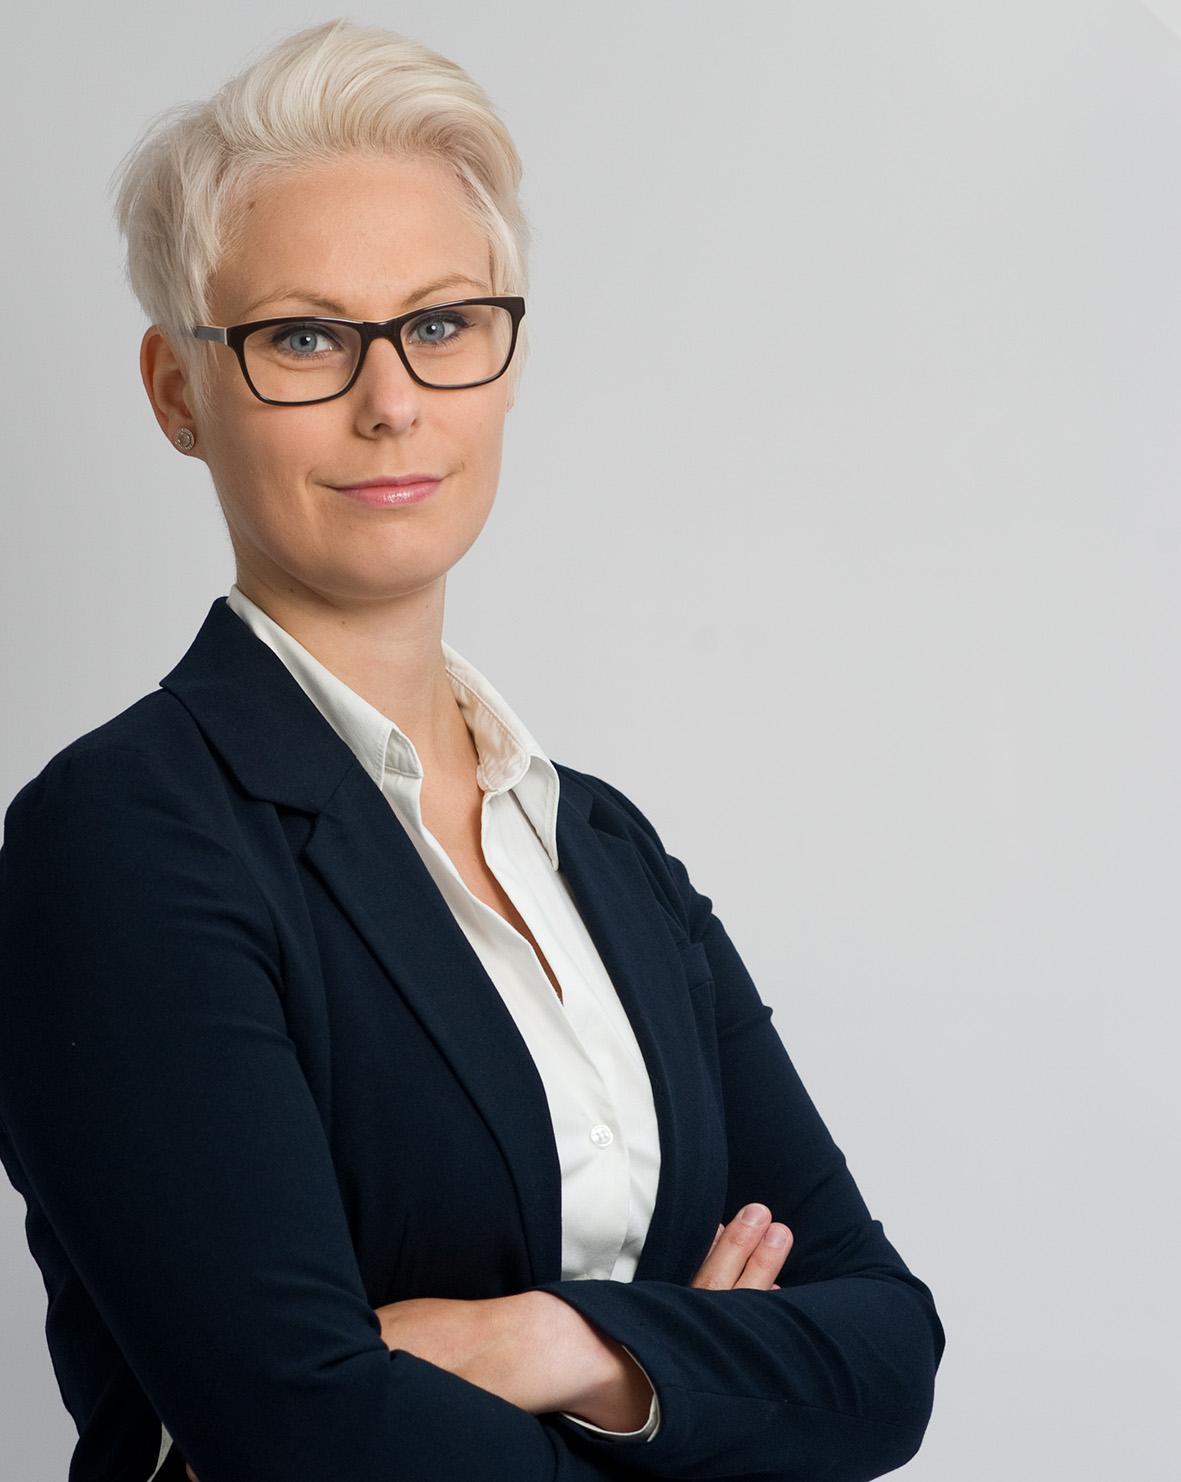 Nadine Willeuthner, Teamleitung Verwaltung KWA Bildungszentrum